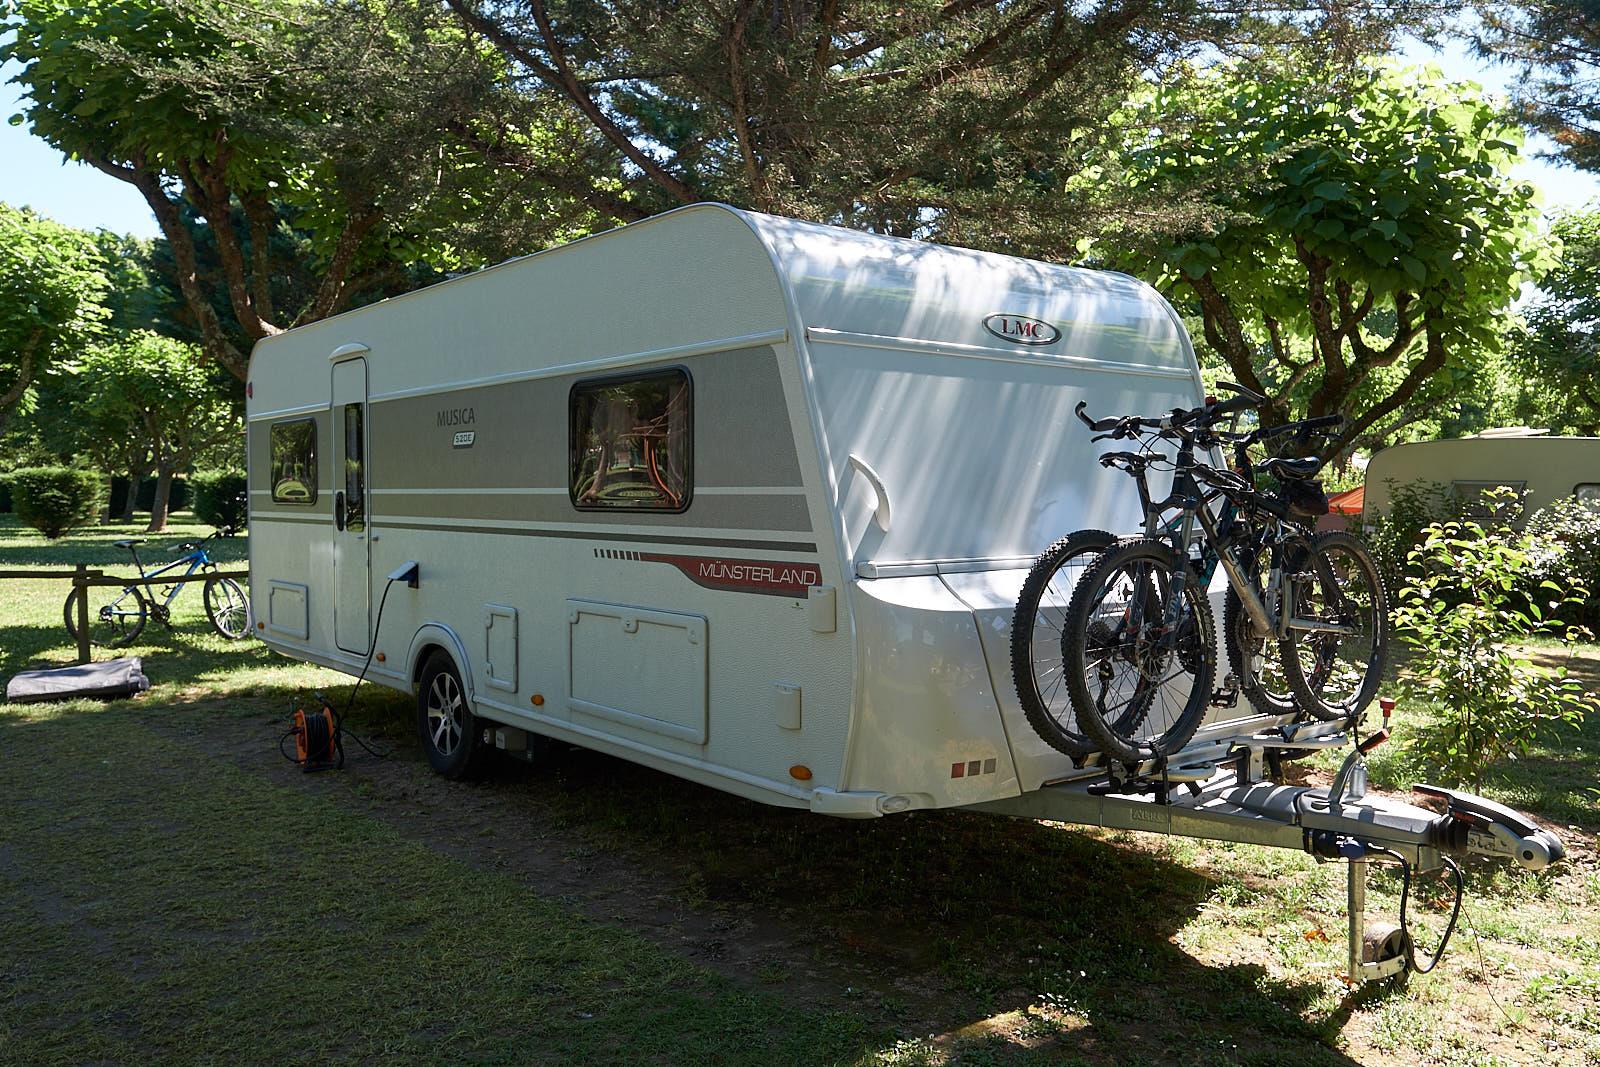 LMC Musica 520 E auf Camping l'Ardechois